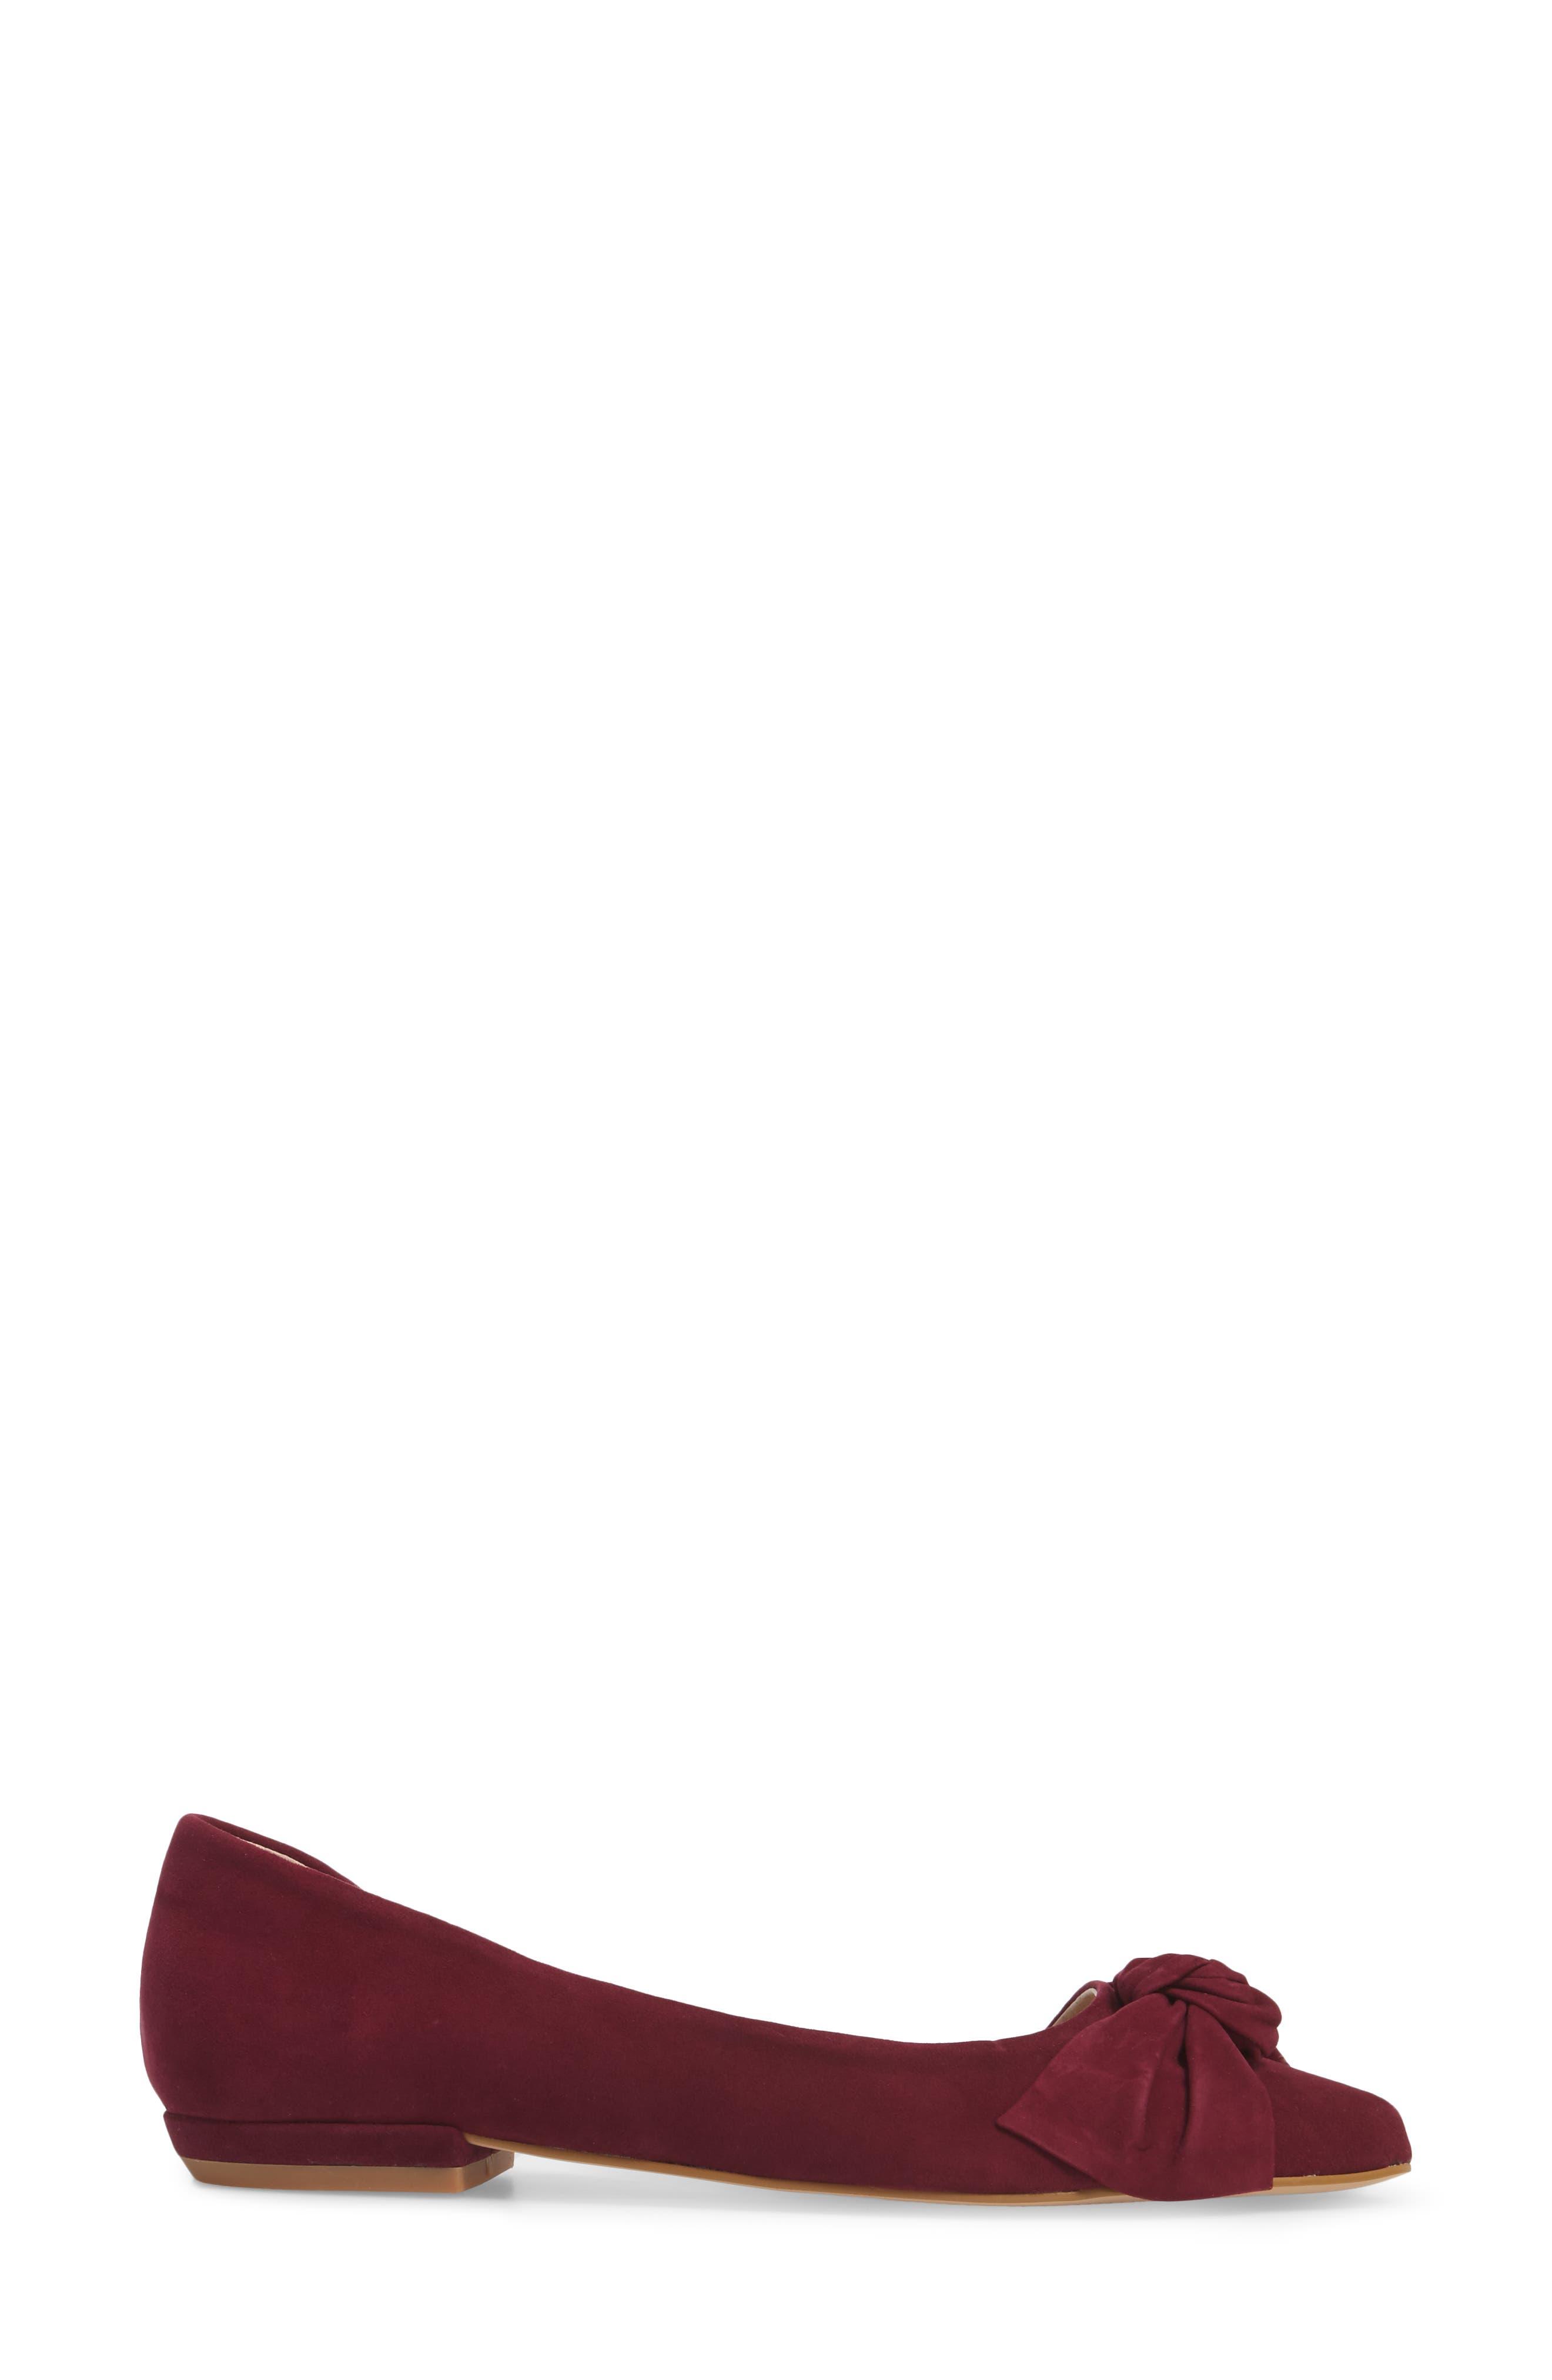 Alternate Image 3  - Steve Madden Edina d'Orsay Bow Flat (Women)